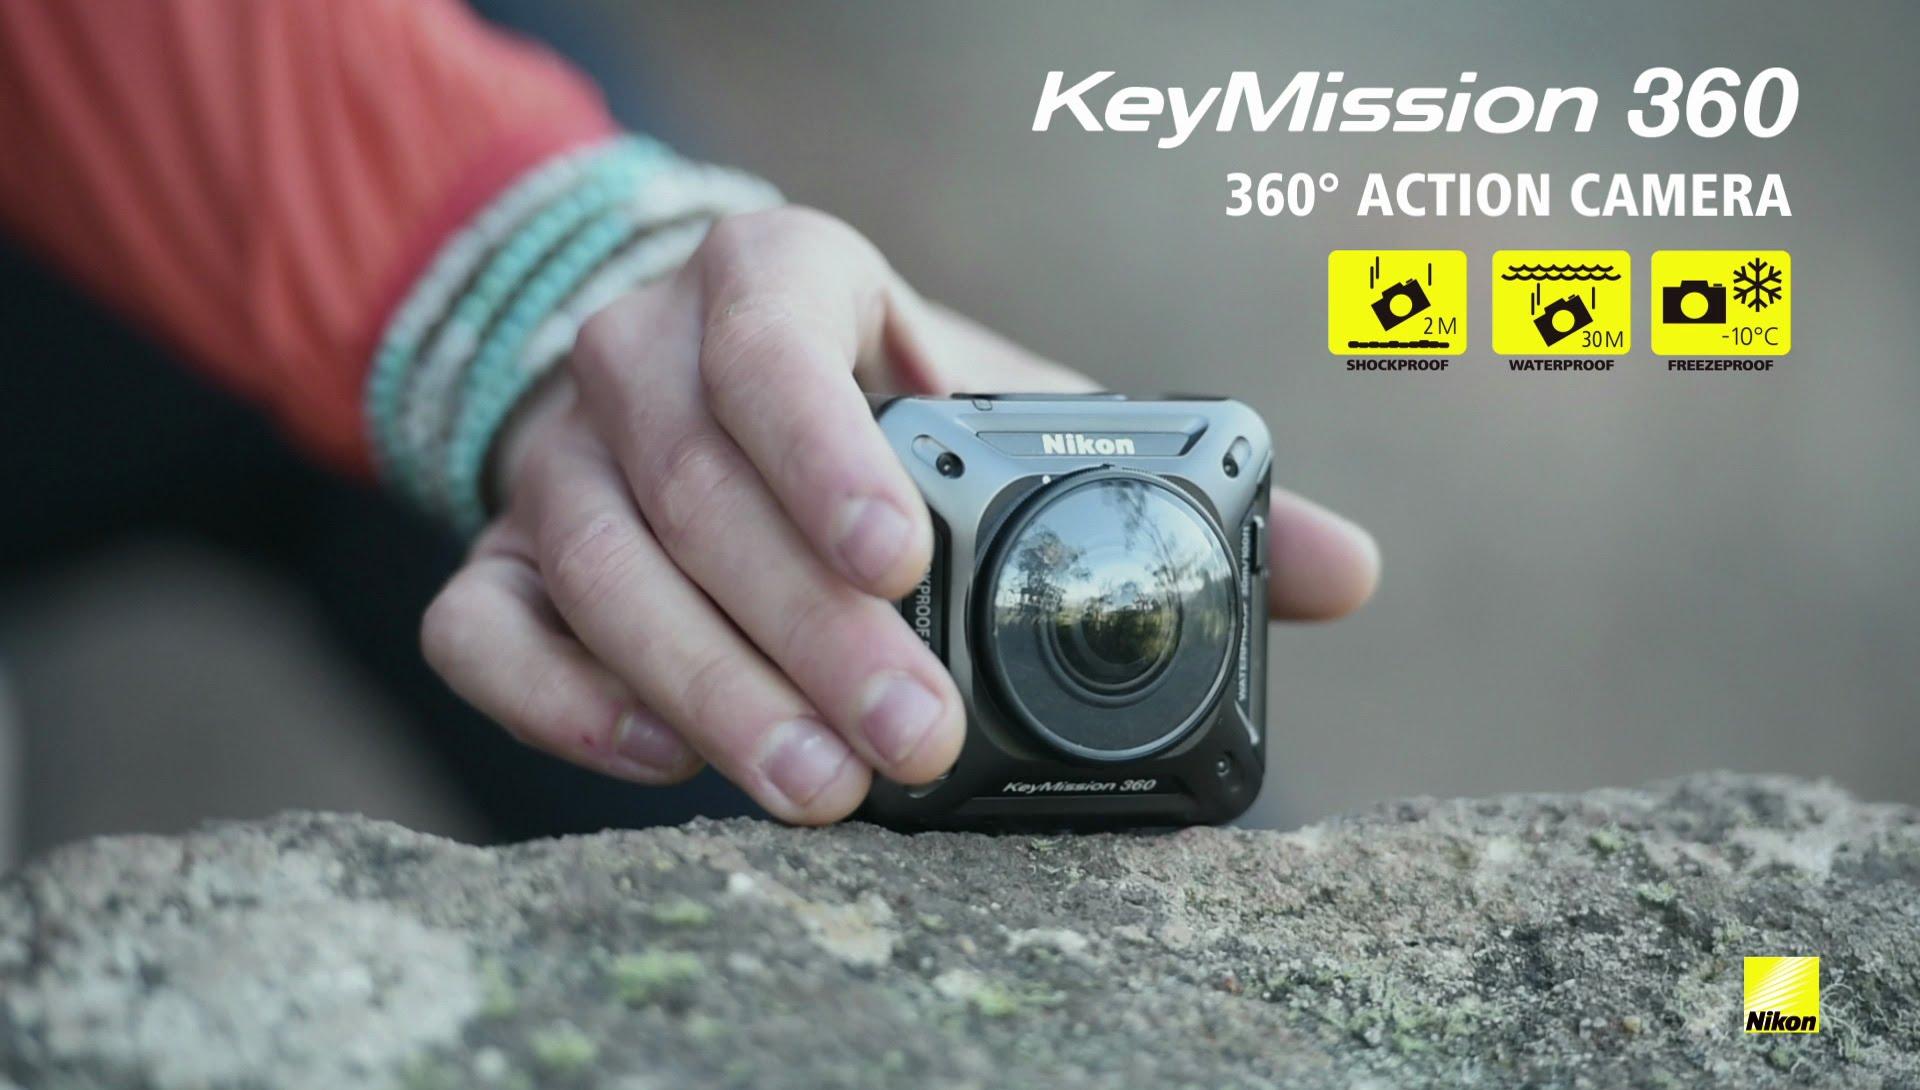 Nikon KeyMission 360: Product Tour